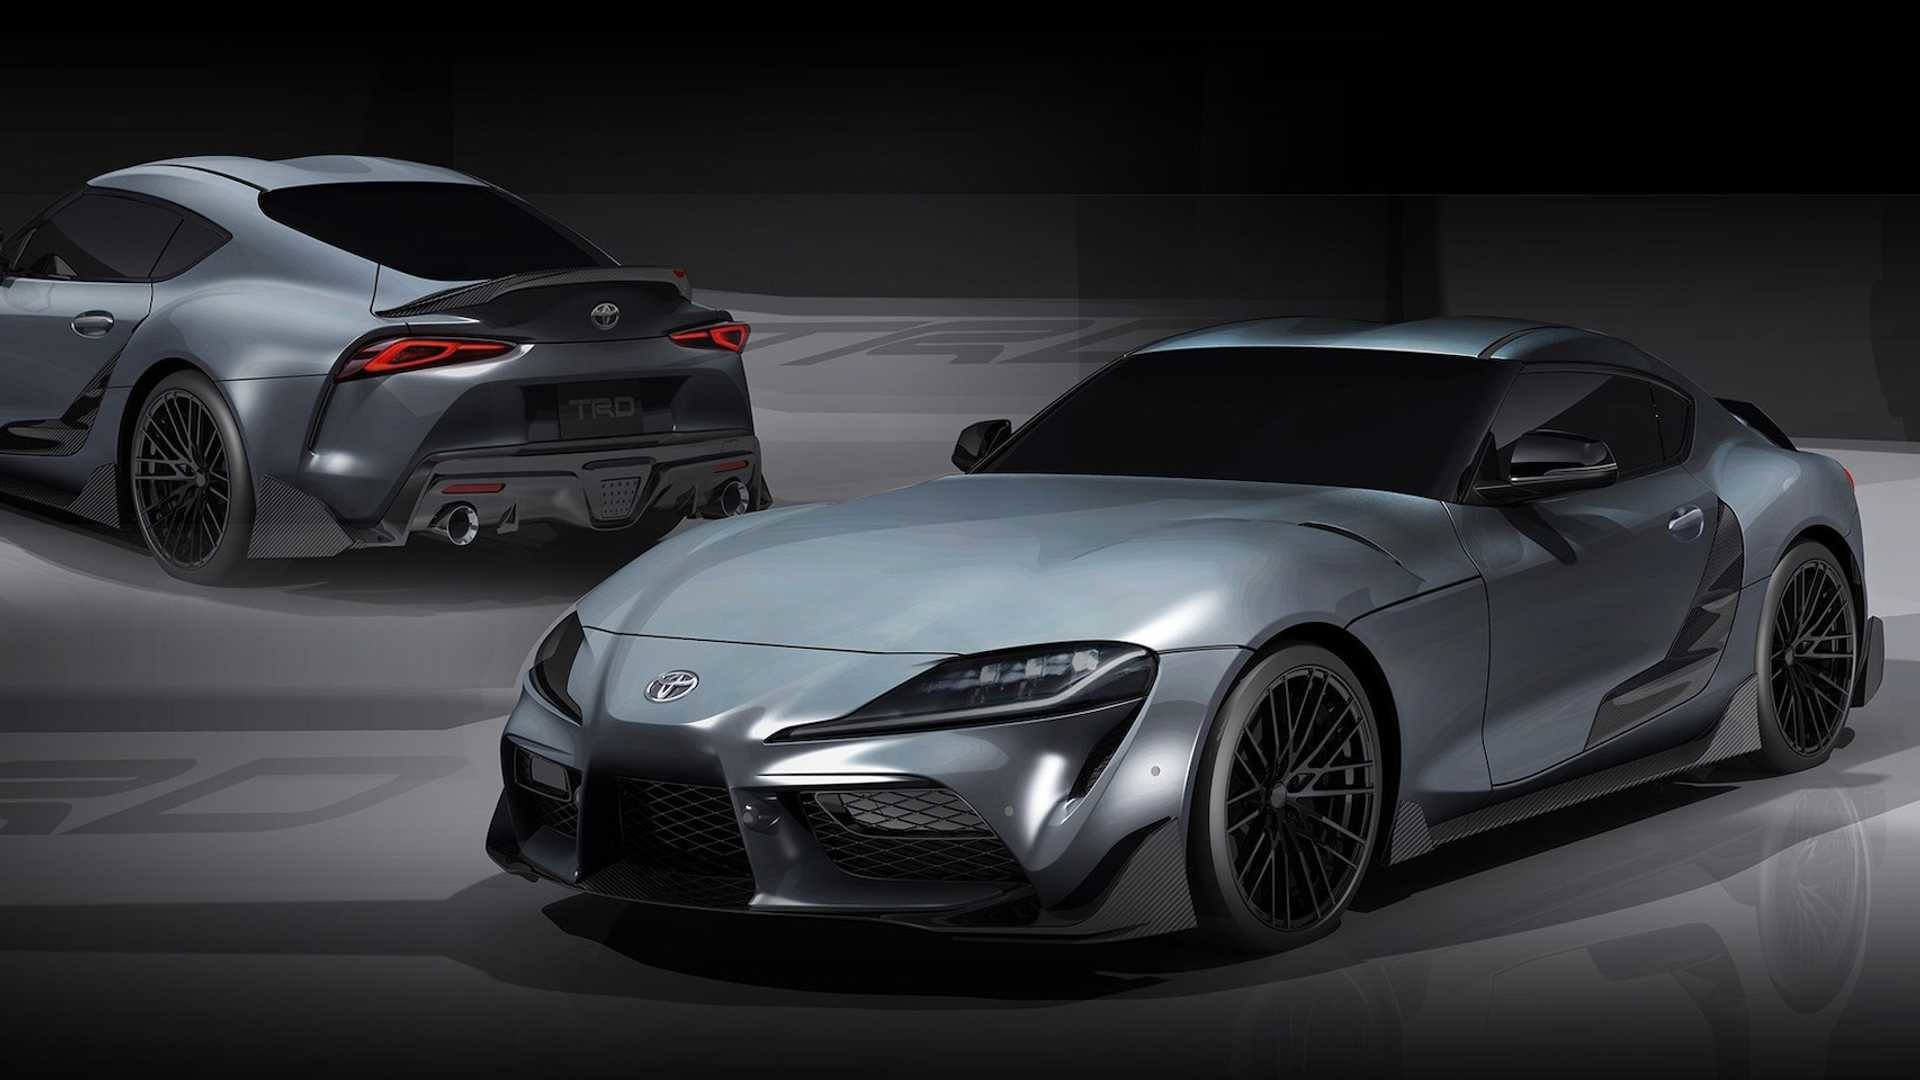 Foto de Toyota GR Supra Performance Line Concept TRD (1/7)